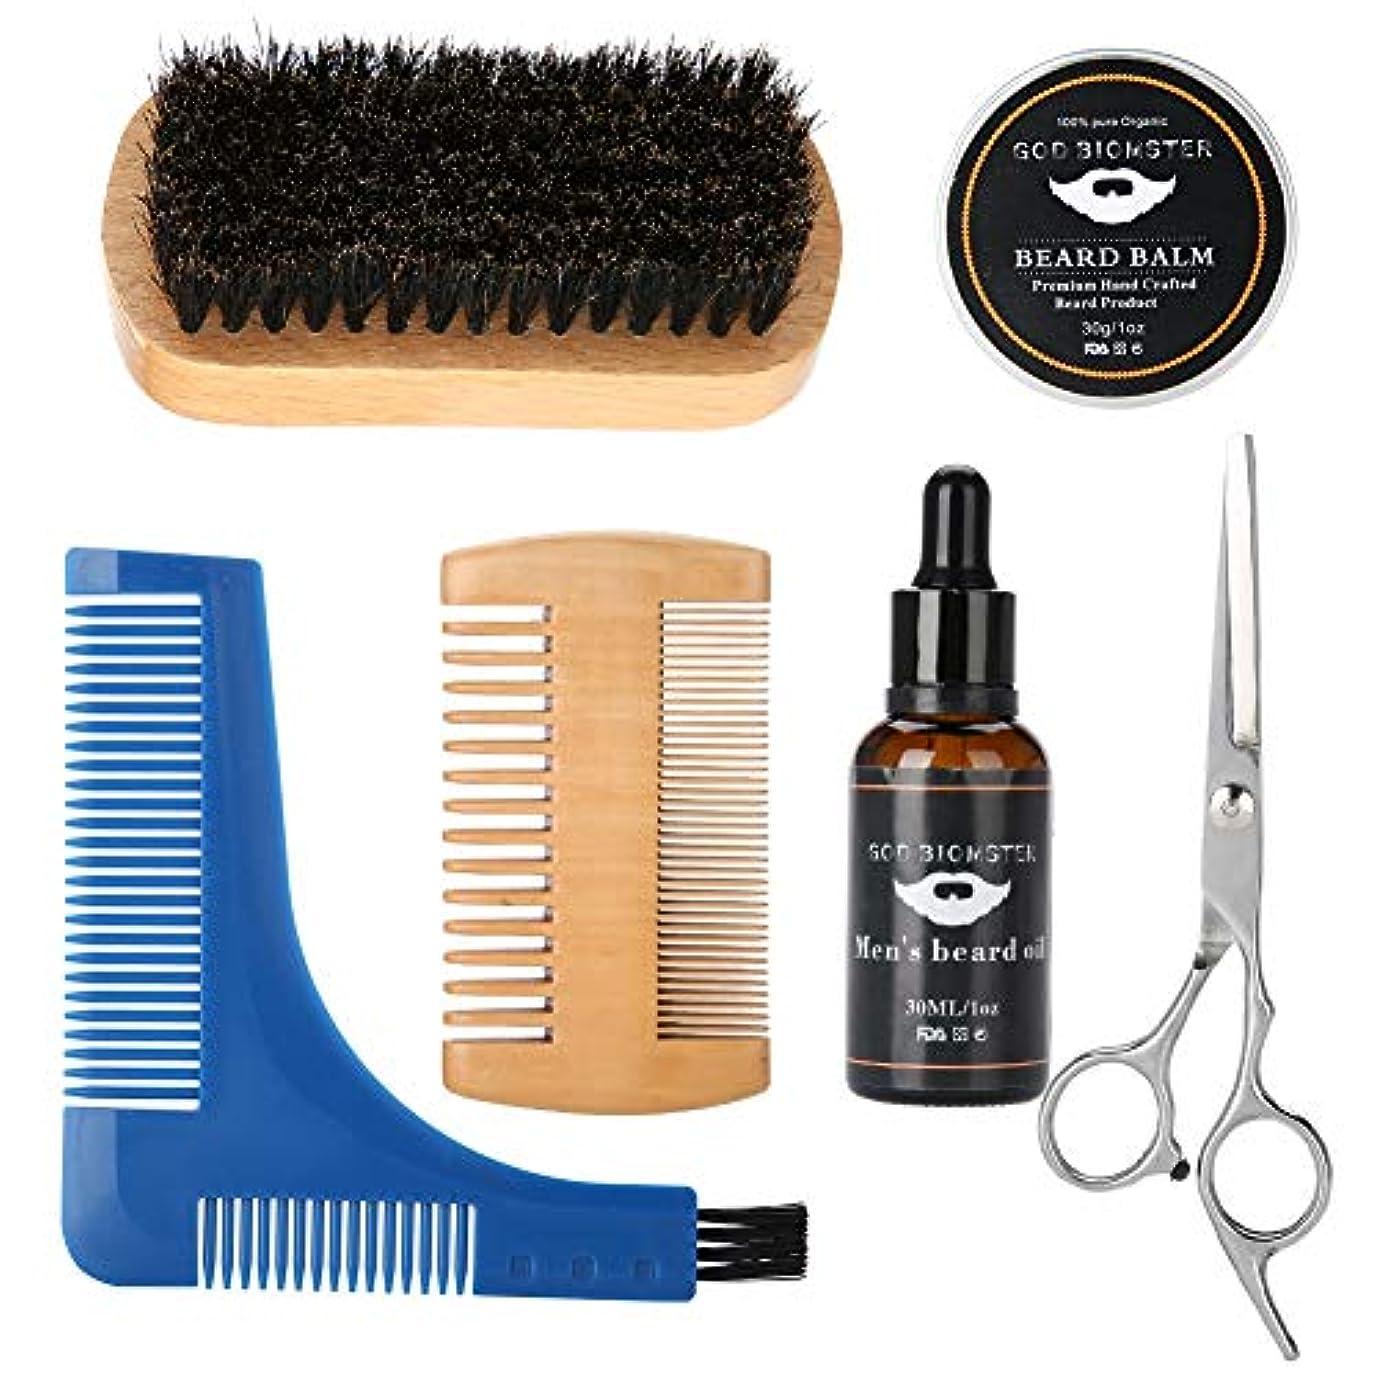 忌避剤投票用心する男性のひげセット、木材製+クリスタル素材ポータブルブラシひげシェービングクリーニングツール用男性ひげ剃り